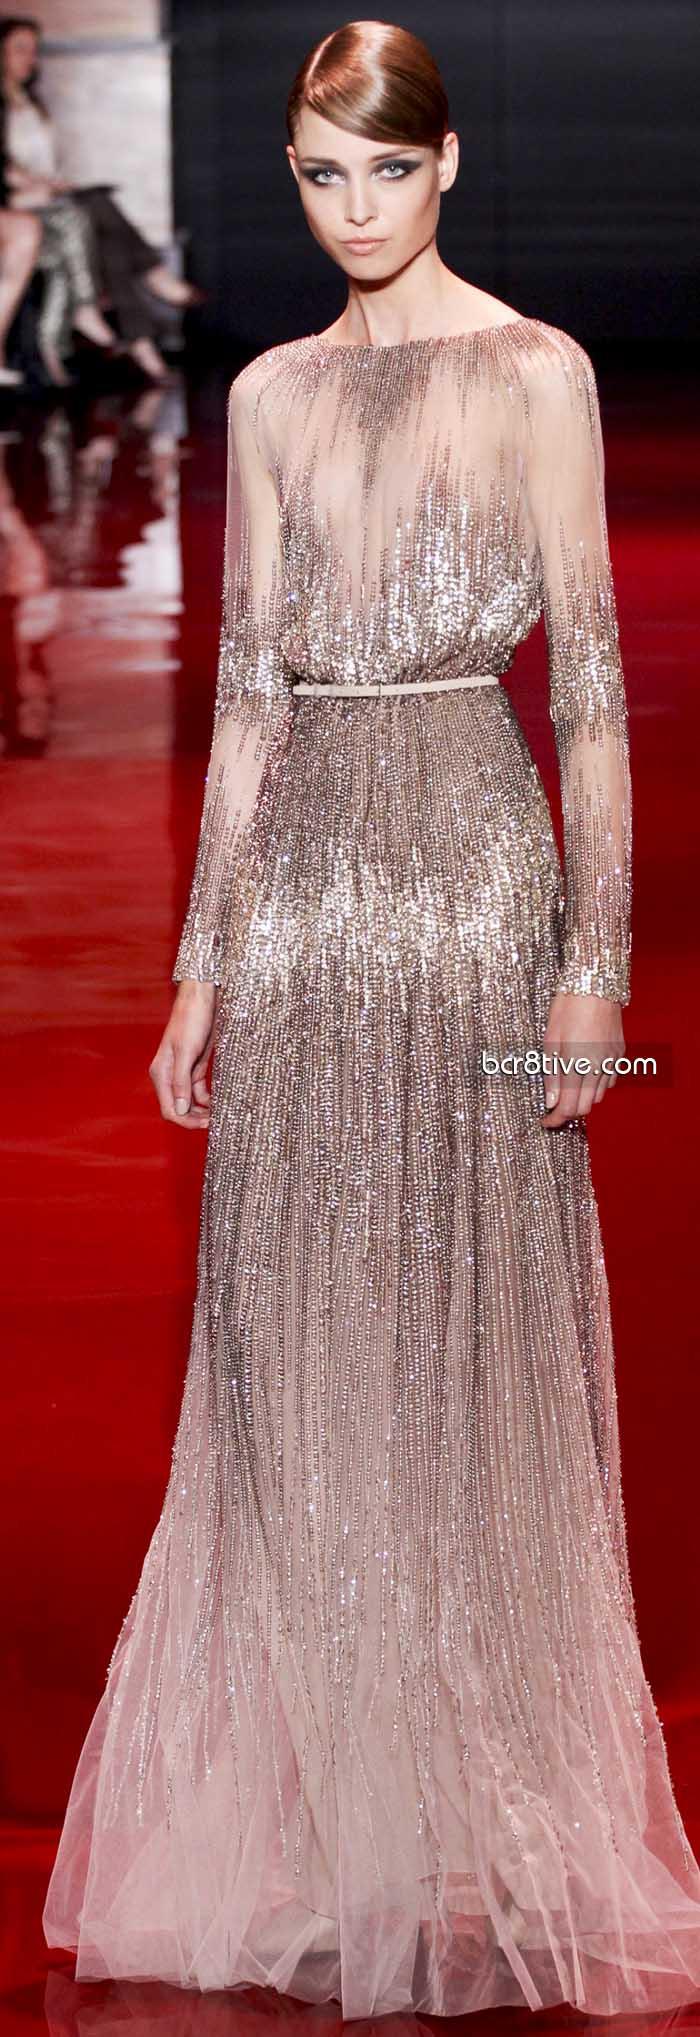 Elie Saab FW 2014 Haute Couture